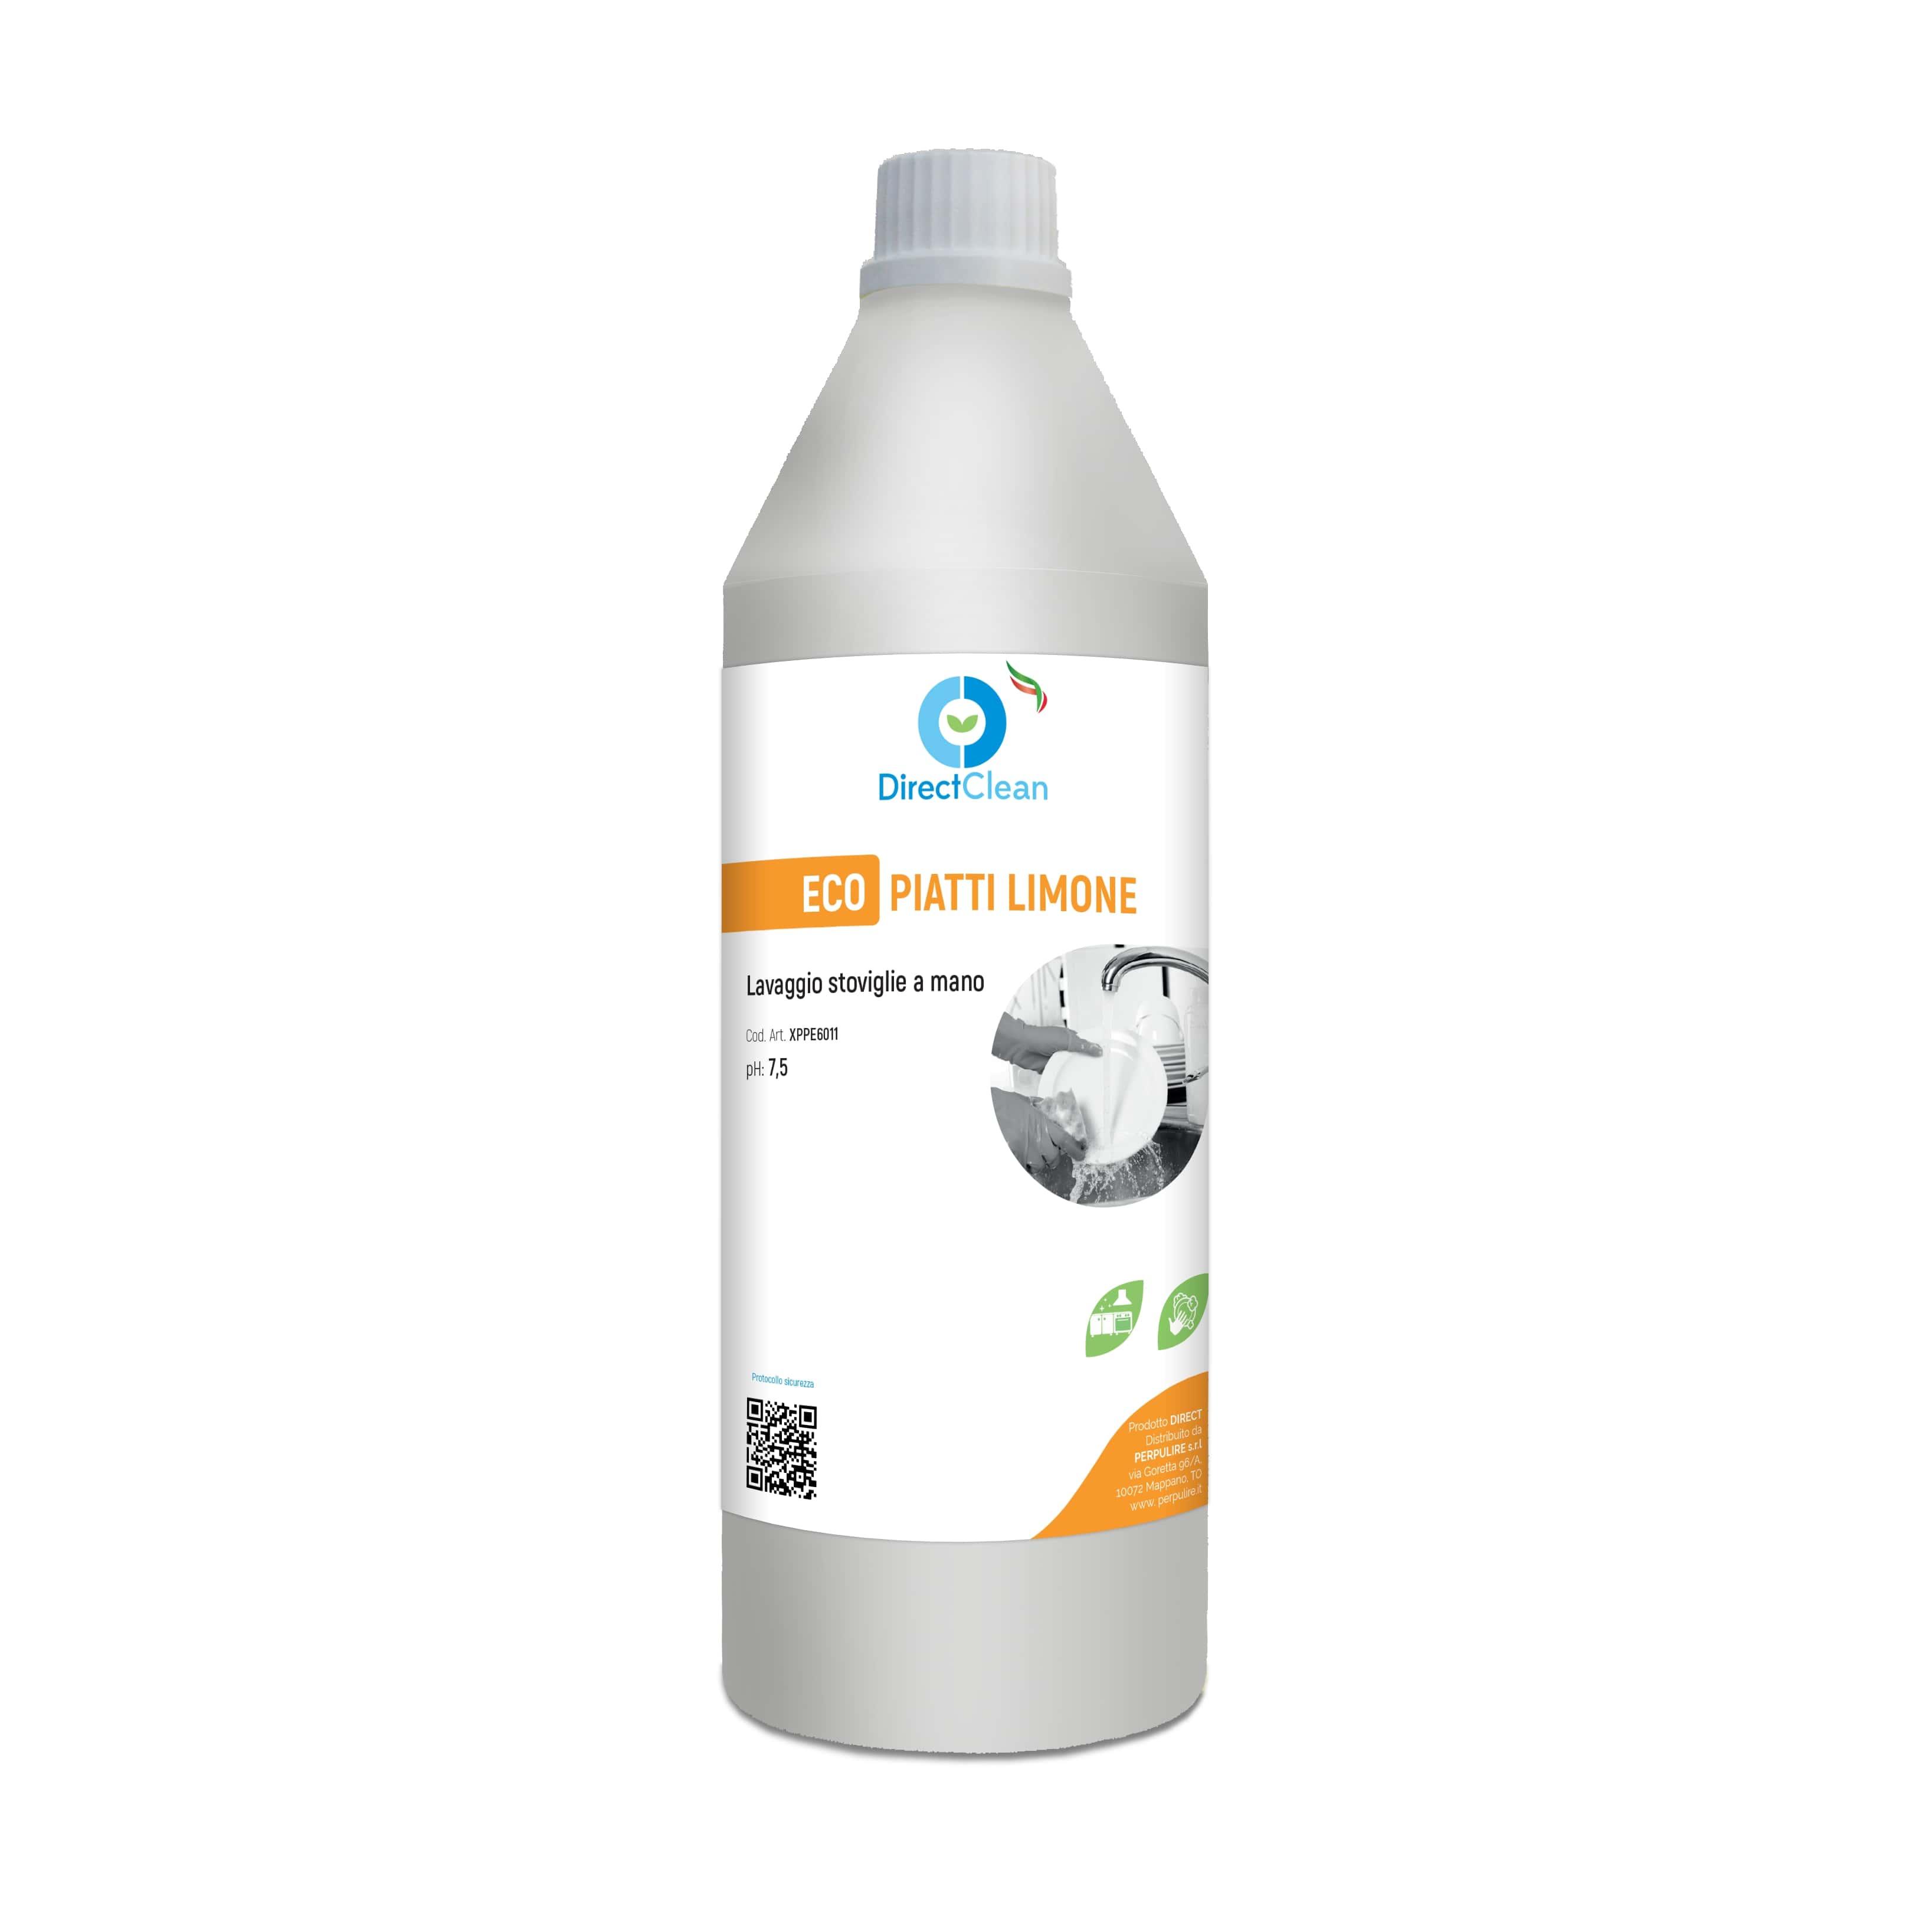 ECOPIATTI LIMONE Detersivo per stoviglie_Flacone 1kg (Cartone da 12 pz.)